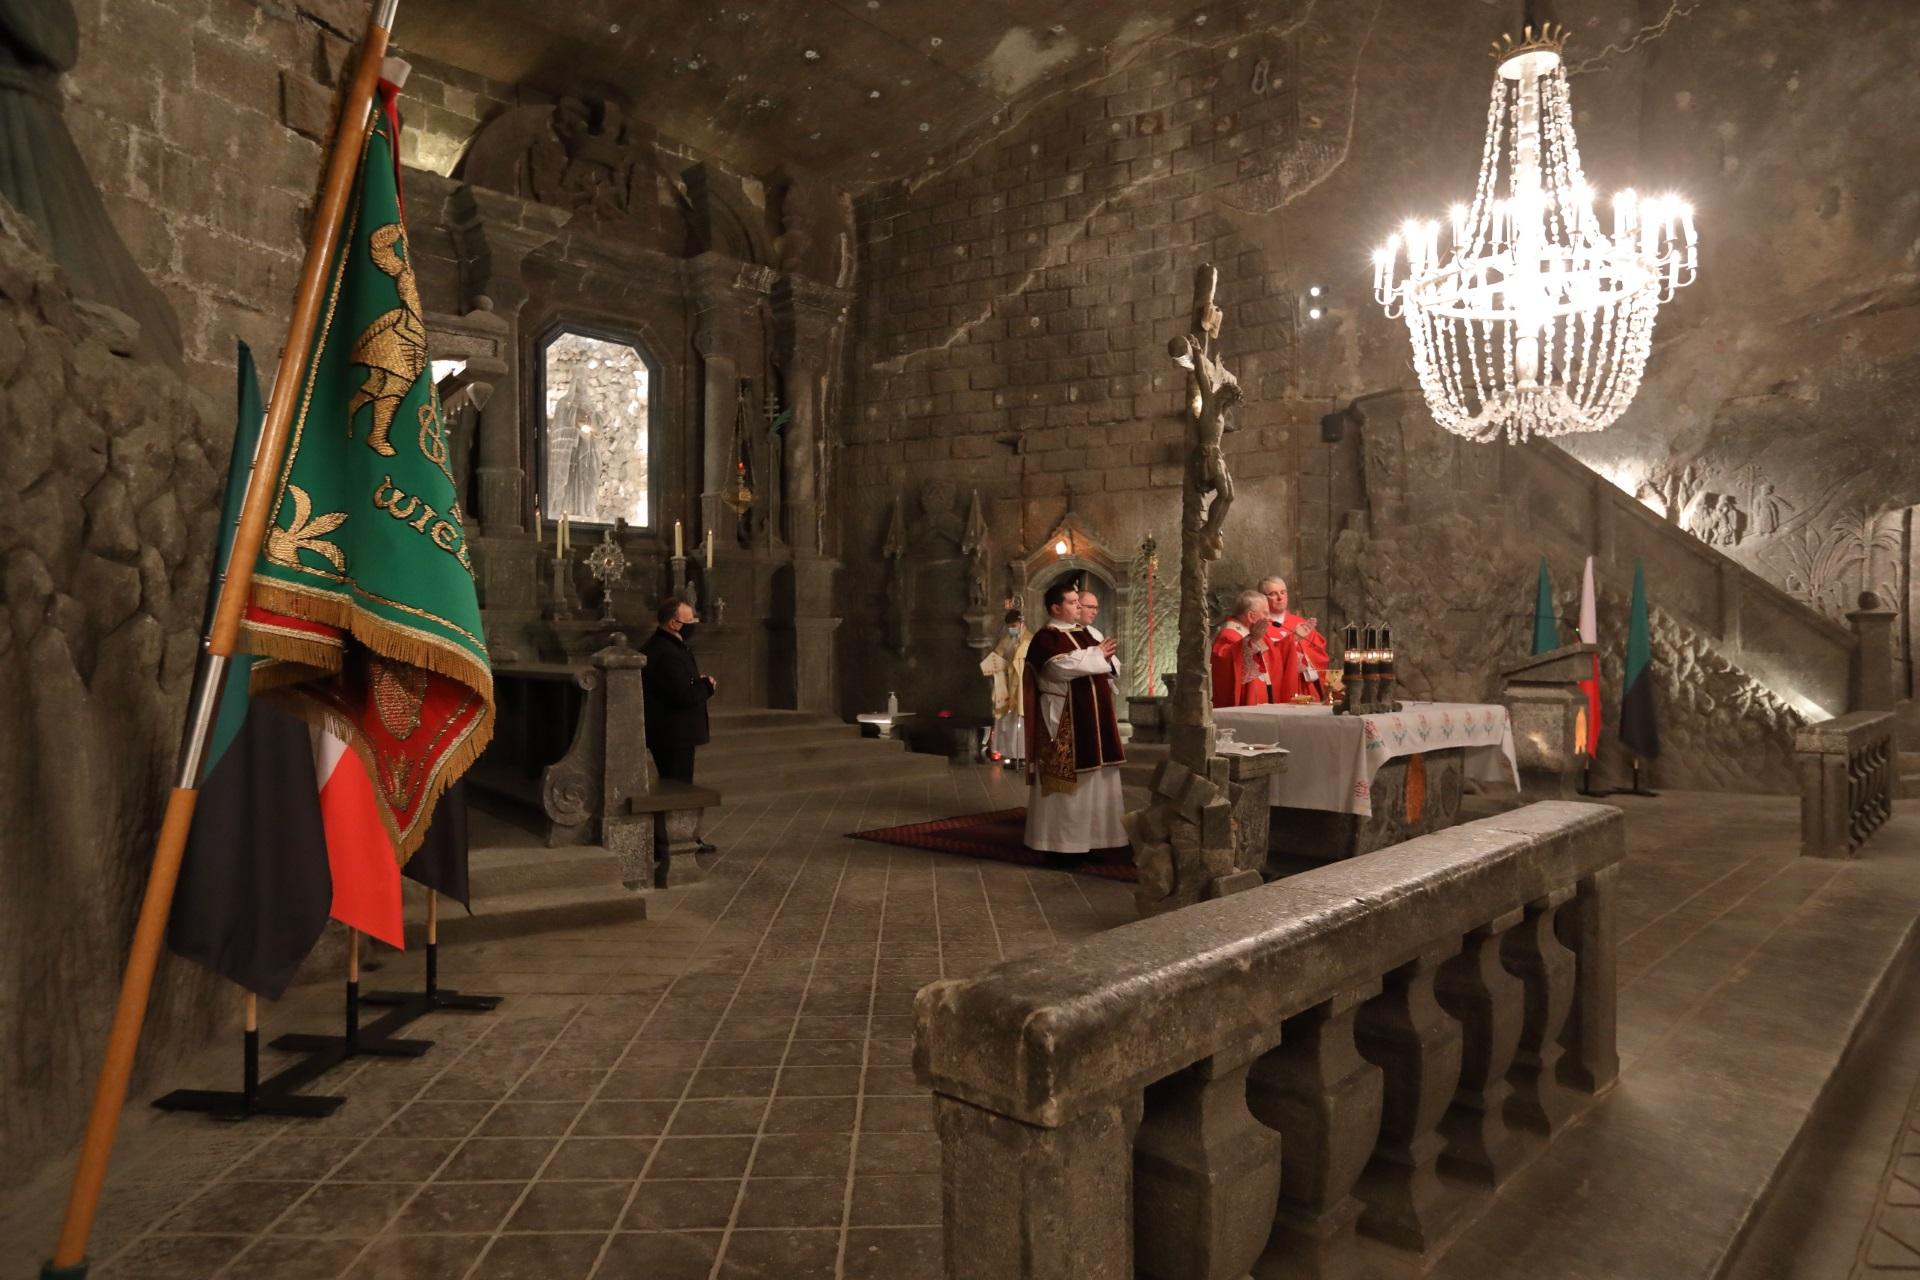 Przy stole ołtarzowym modli się arcybiskup oraz towarzyszący mu duchowni. Po lewej stronie kadry lekko pochylony górniczy sztandar. W głębi, między solną barierką a stołem ołtarzowym widoczny krzyż papieski również wyrzeźbiony w soli